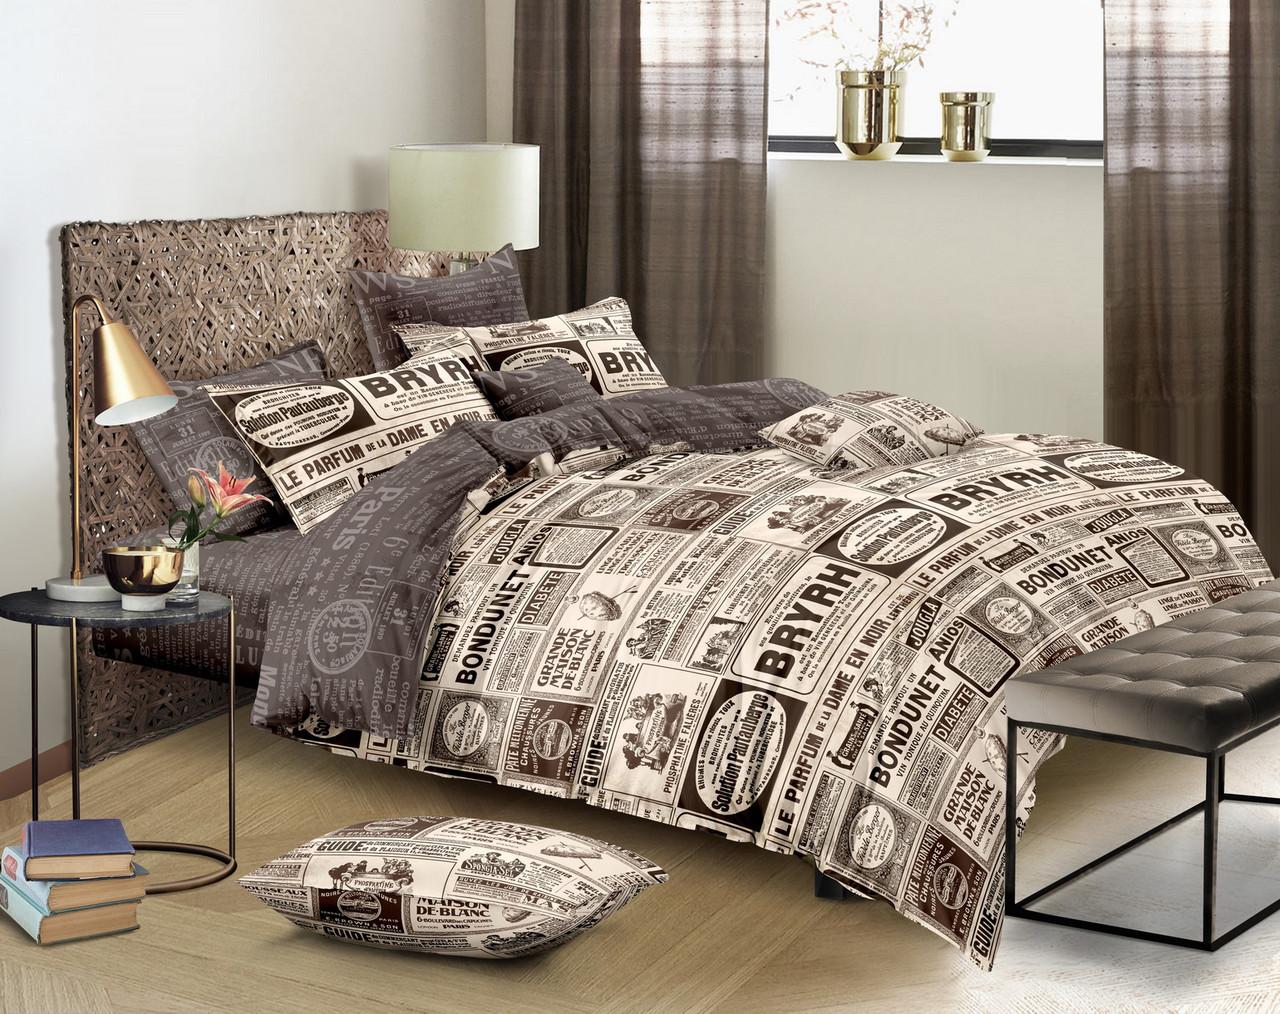 Двуспальный комплект постельного белья 180*220 сатин (11369) TM КРИСПОЛ Украина